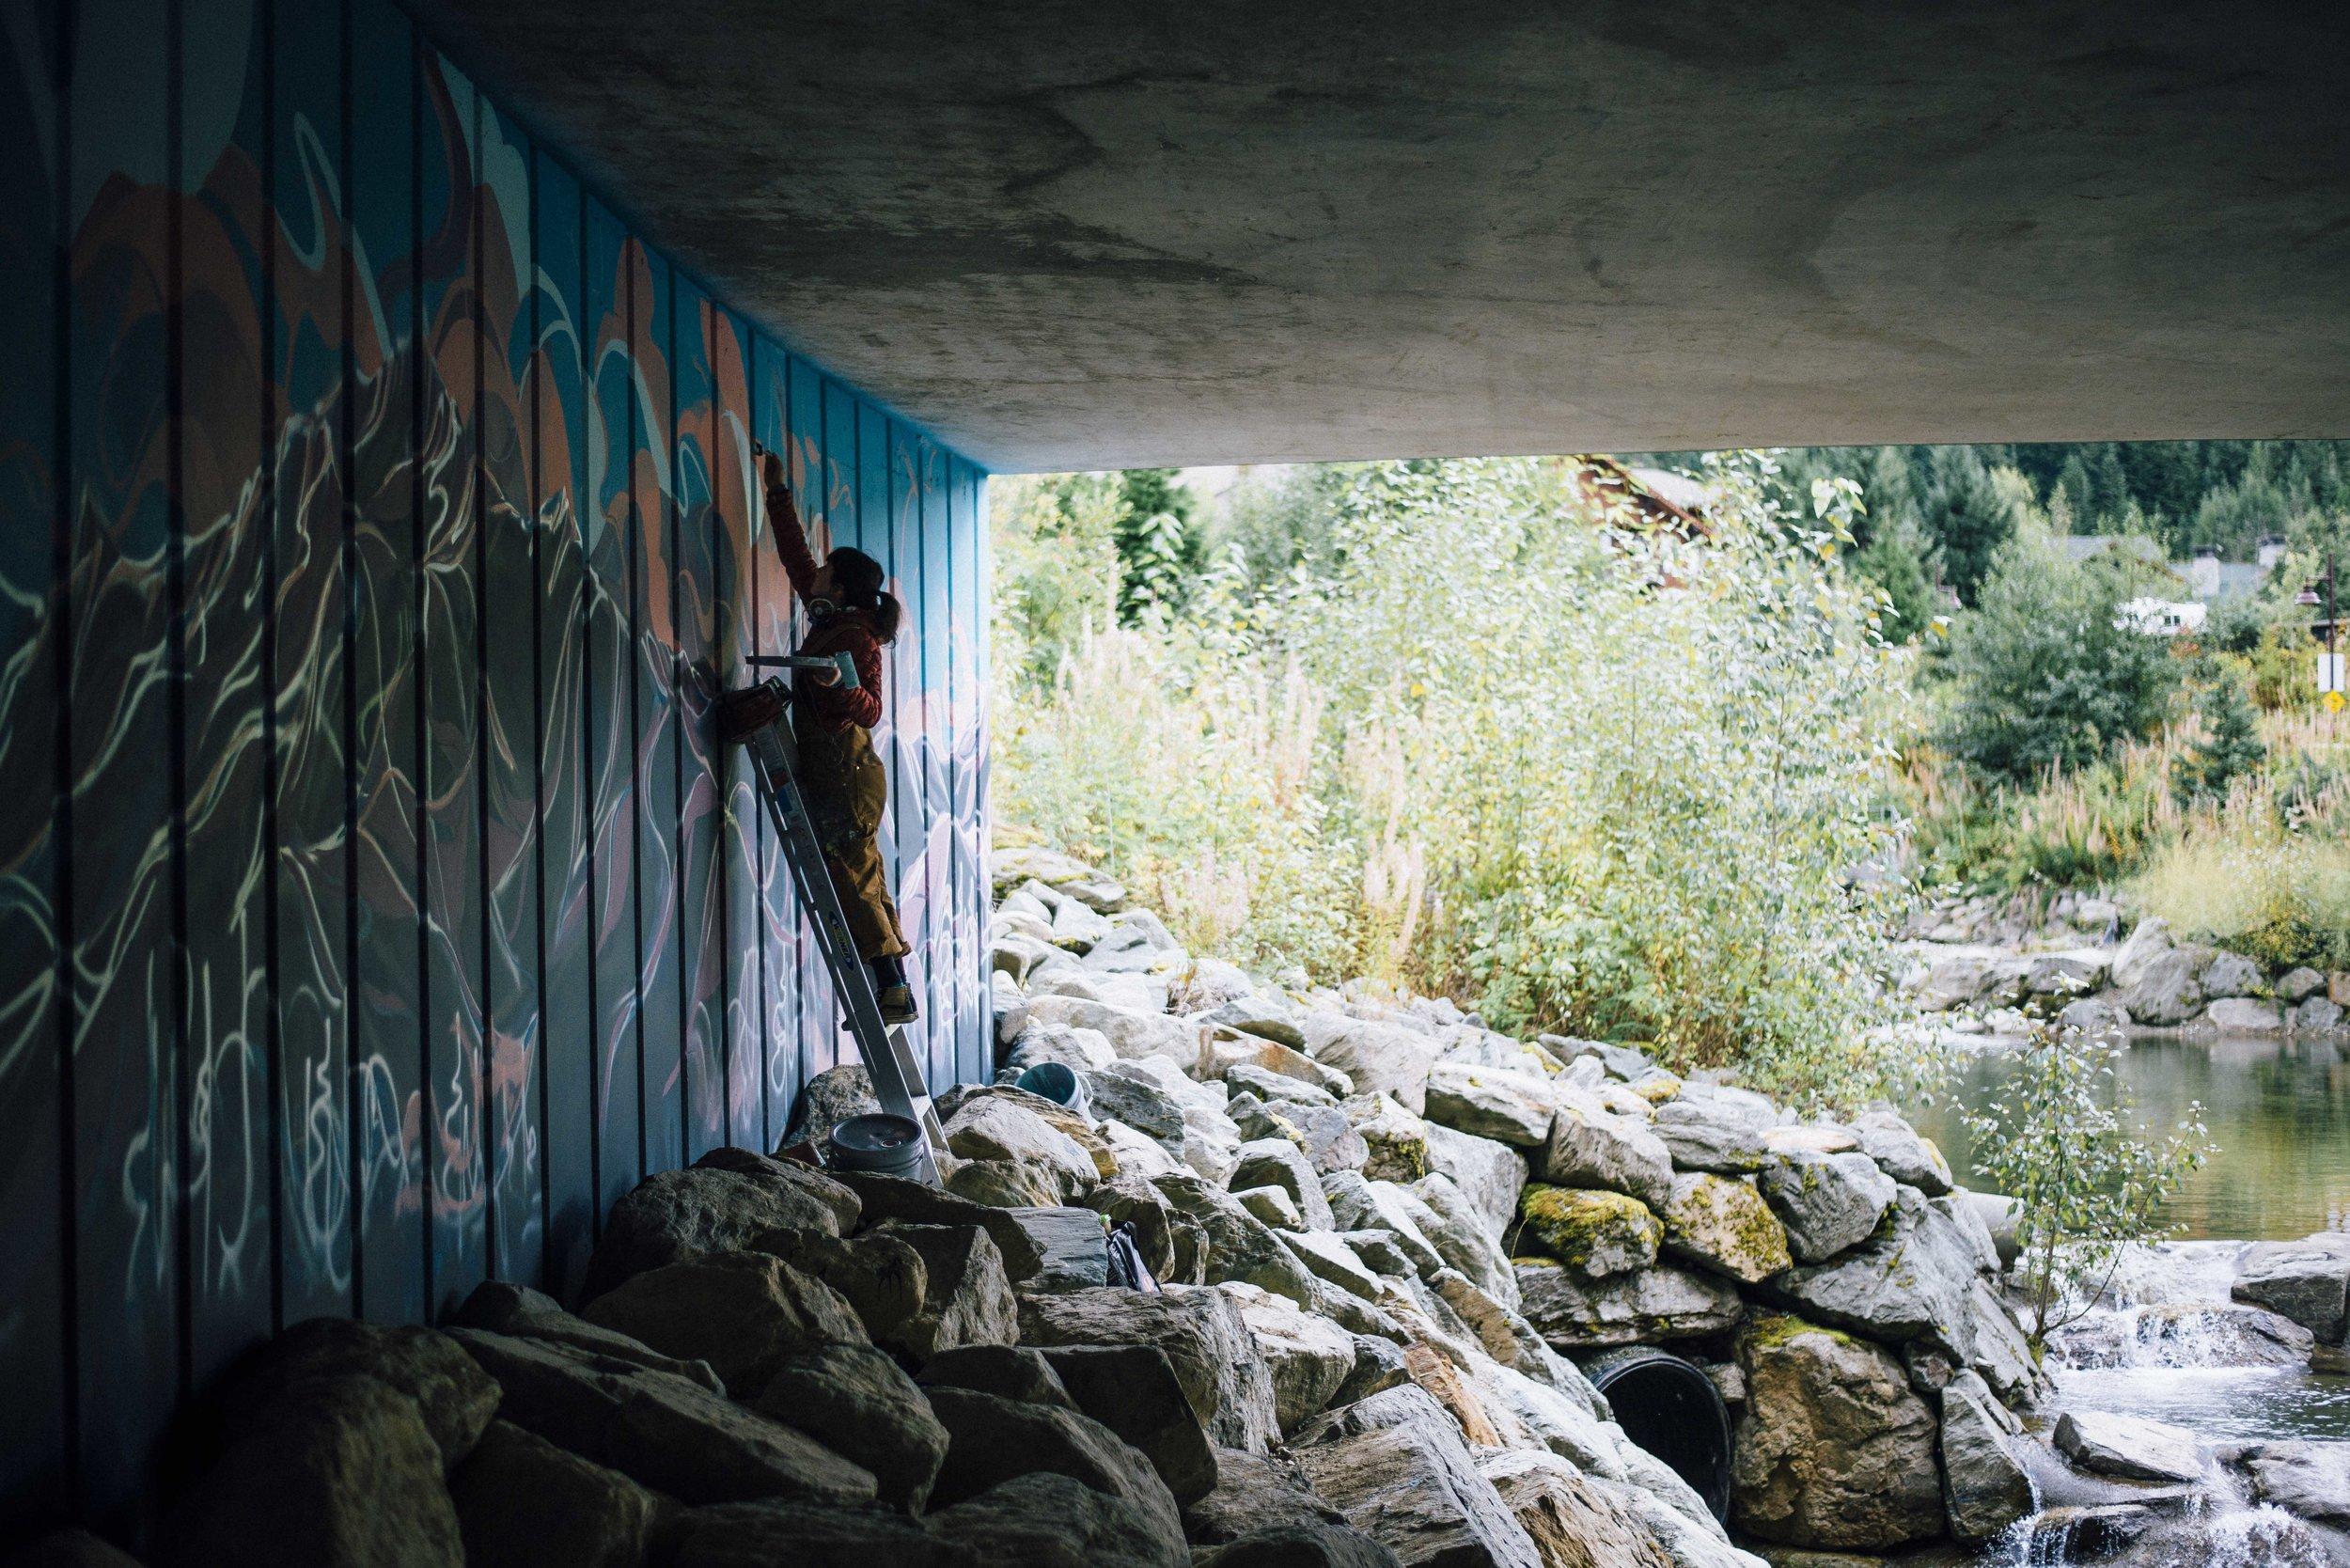 whistlerlow-3962.jpg